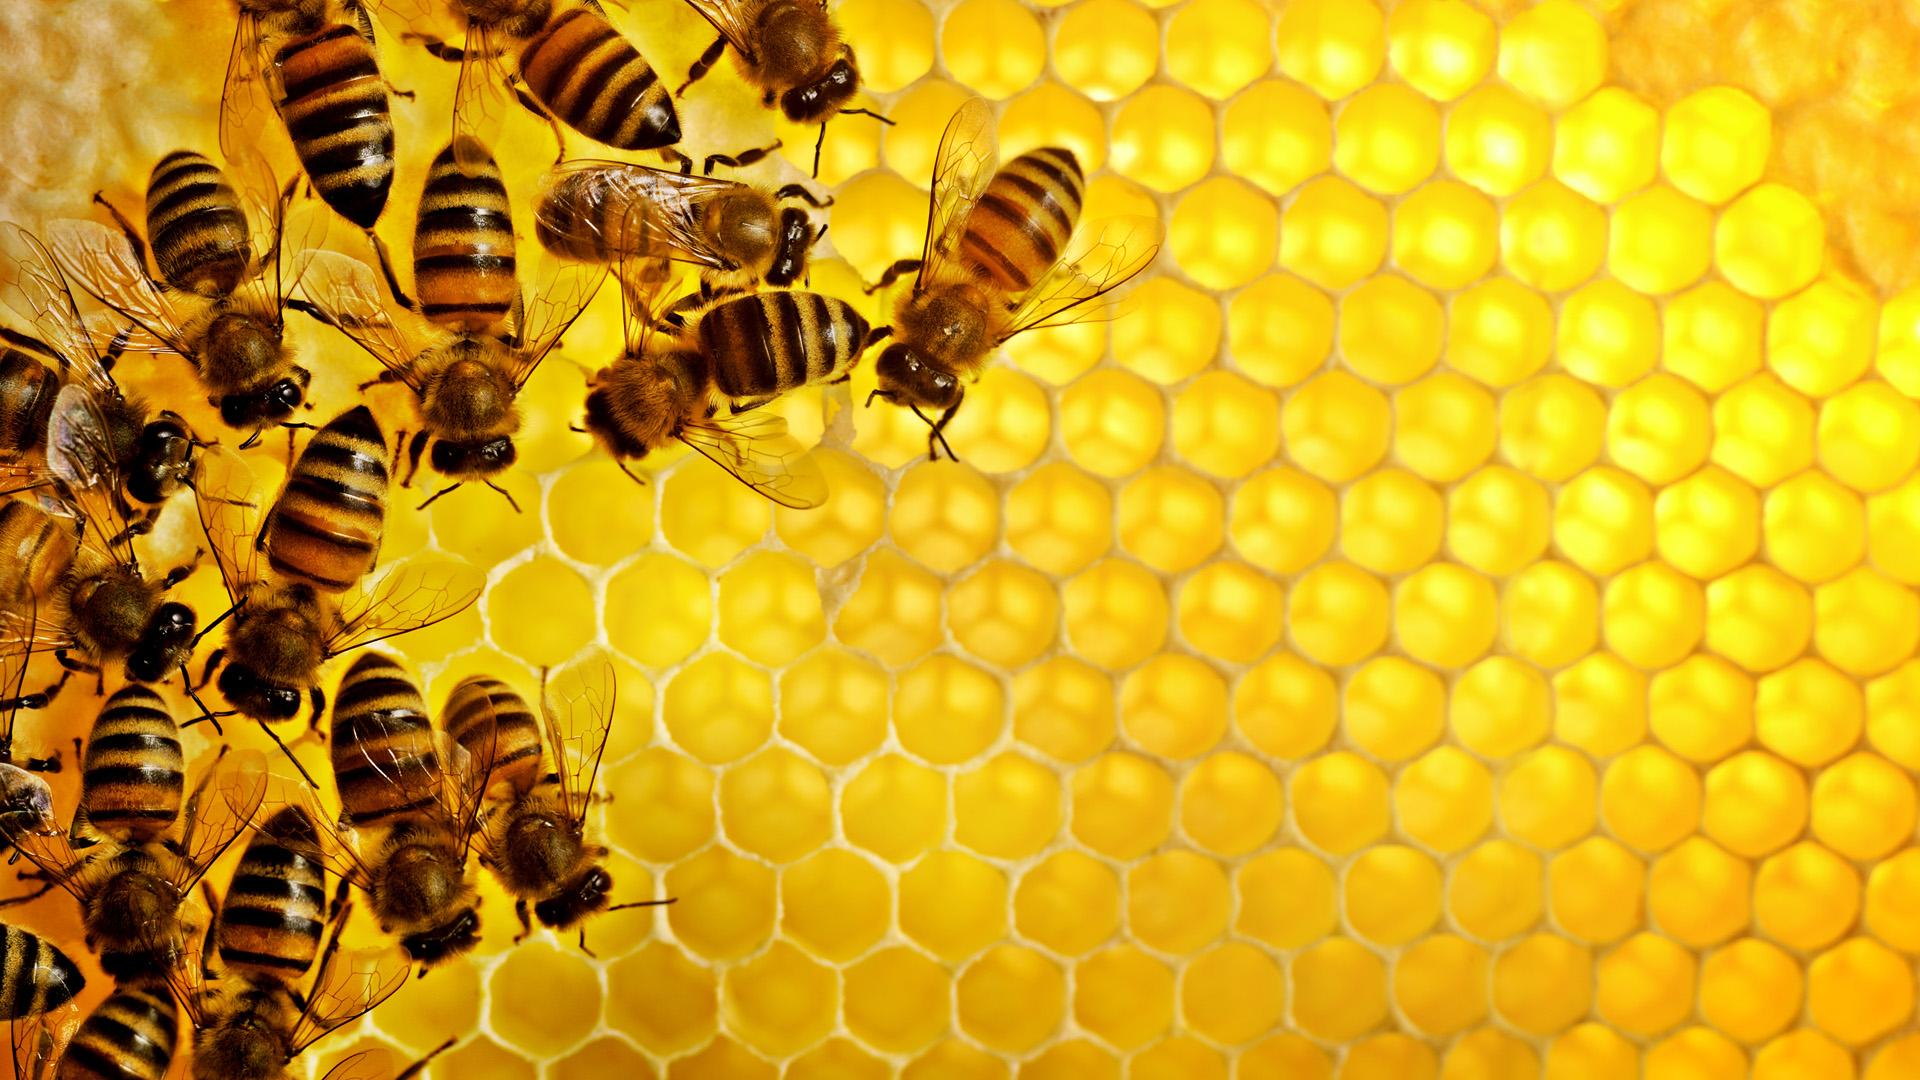 медовые соты, пчелы, скачать фото, мед, обои для рабочего стола